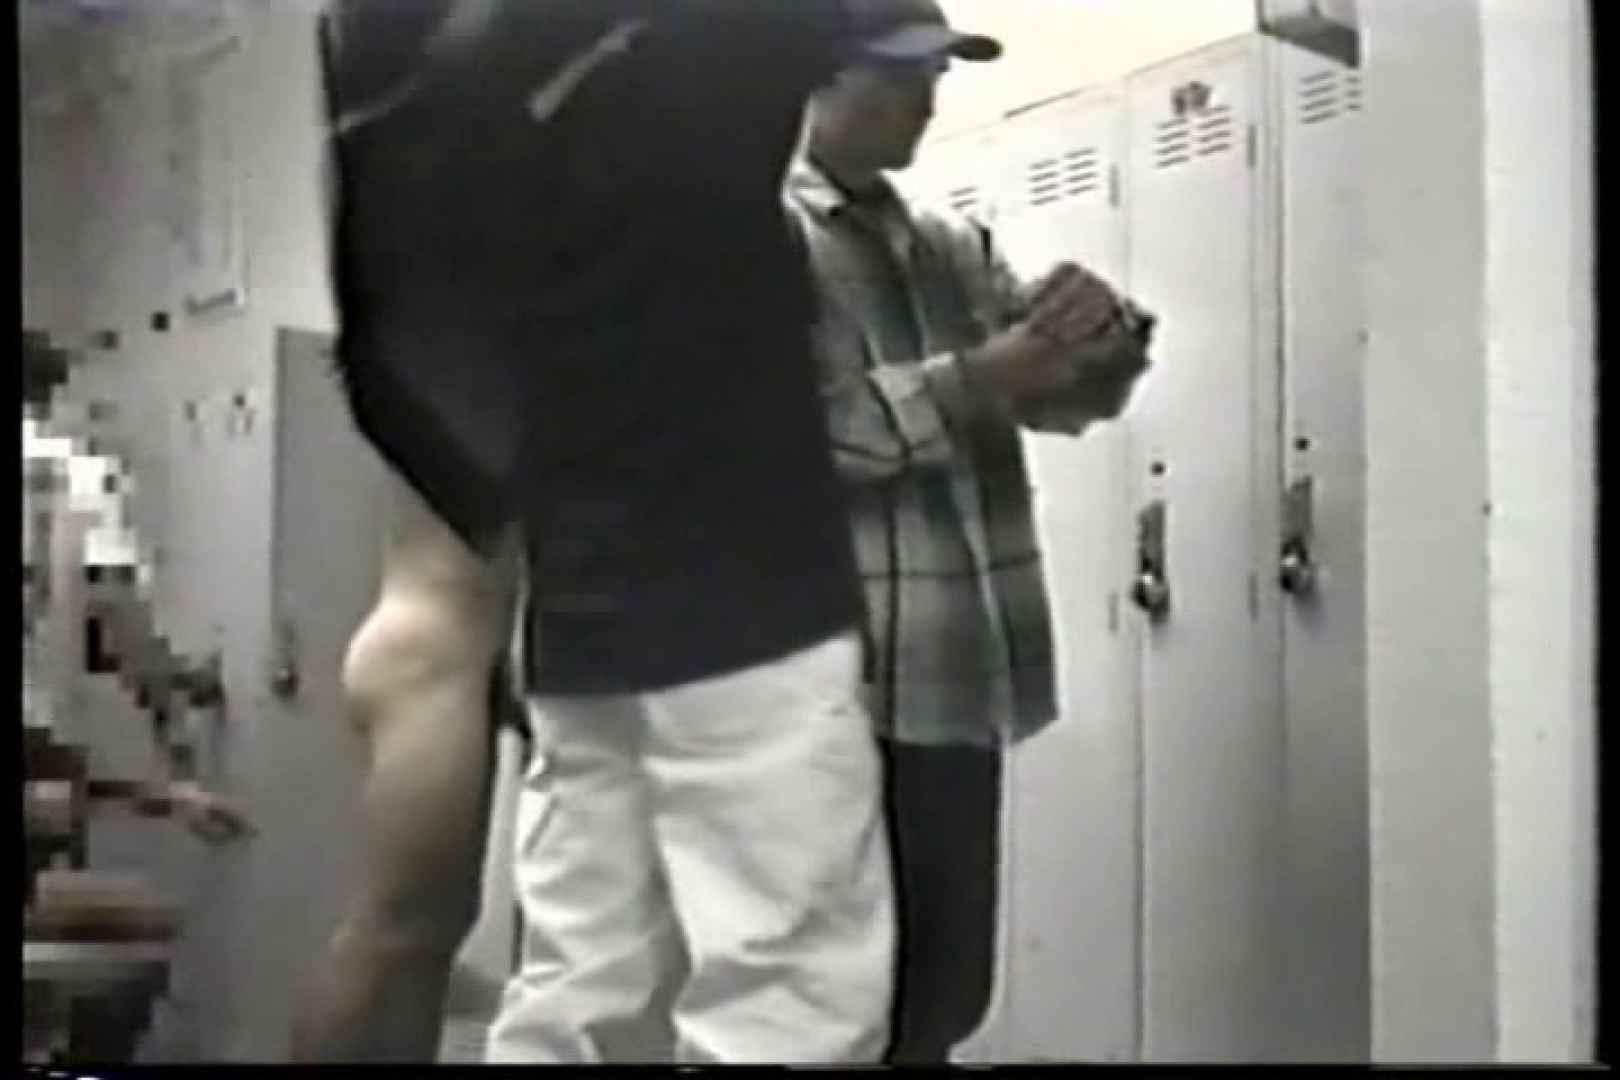 洋人さんの脱衣所を覗いてみました。VOL.1 覗きシーン ゲイえろ動画紹介 74枚 51